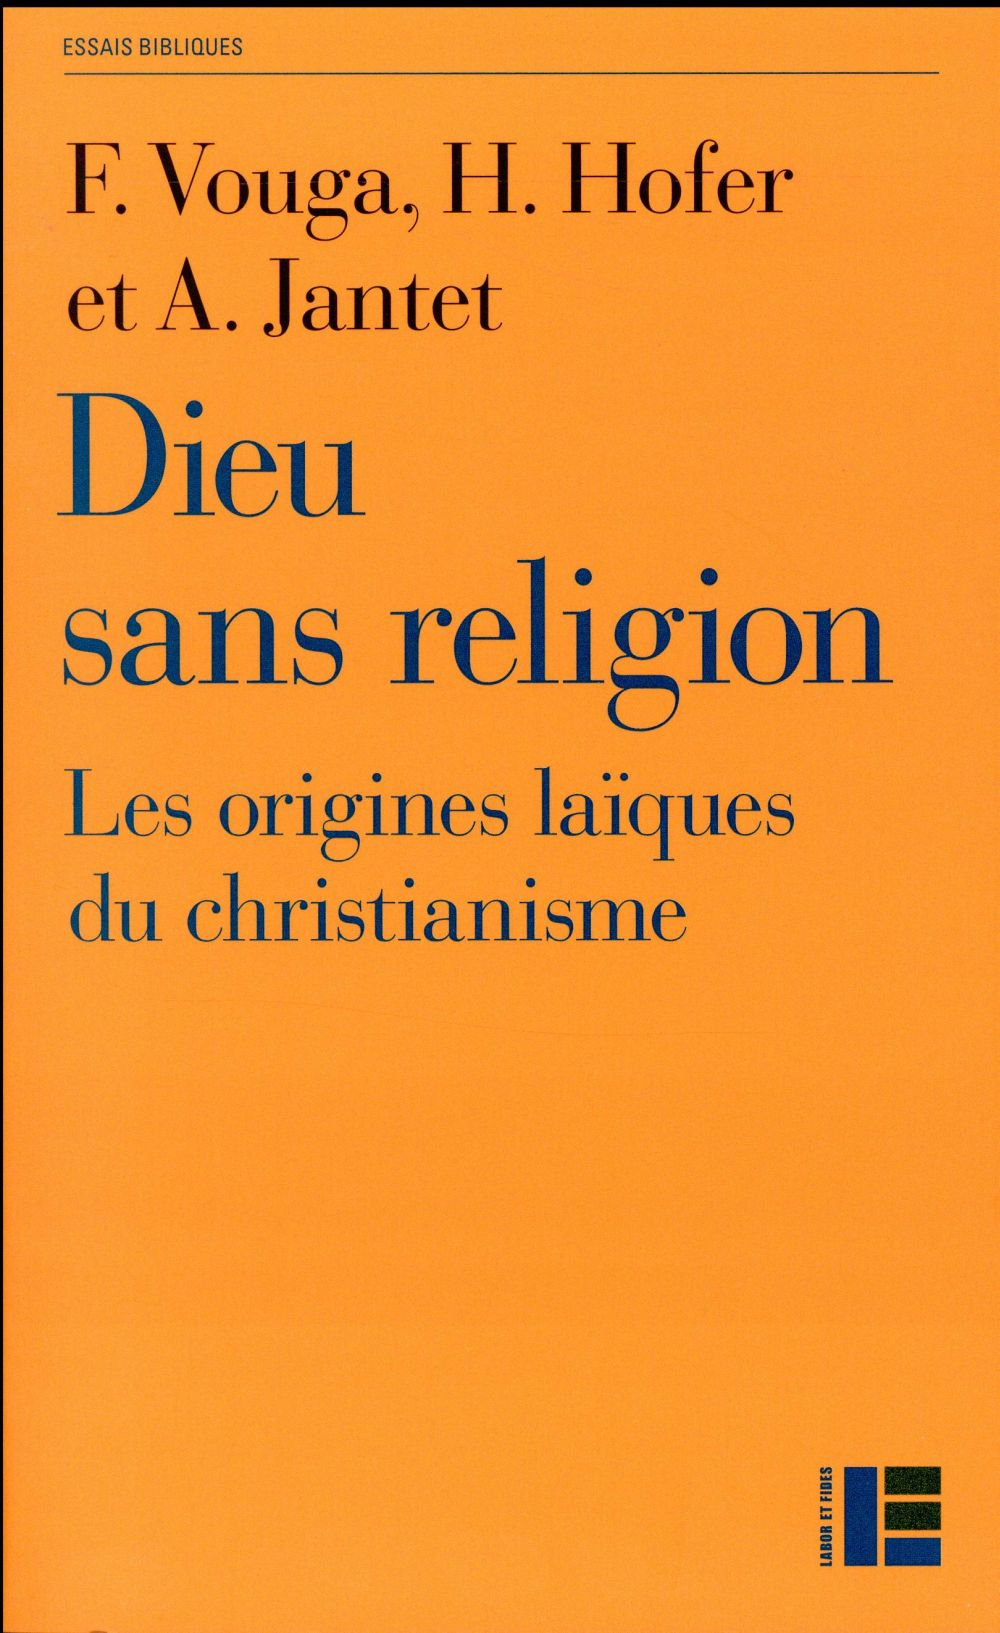 Dieu sans religion ; les origines laïques du christianisme